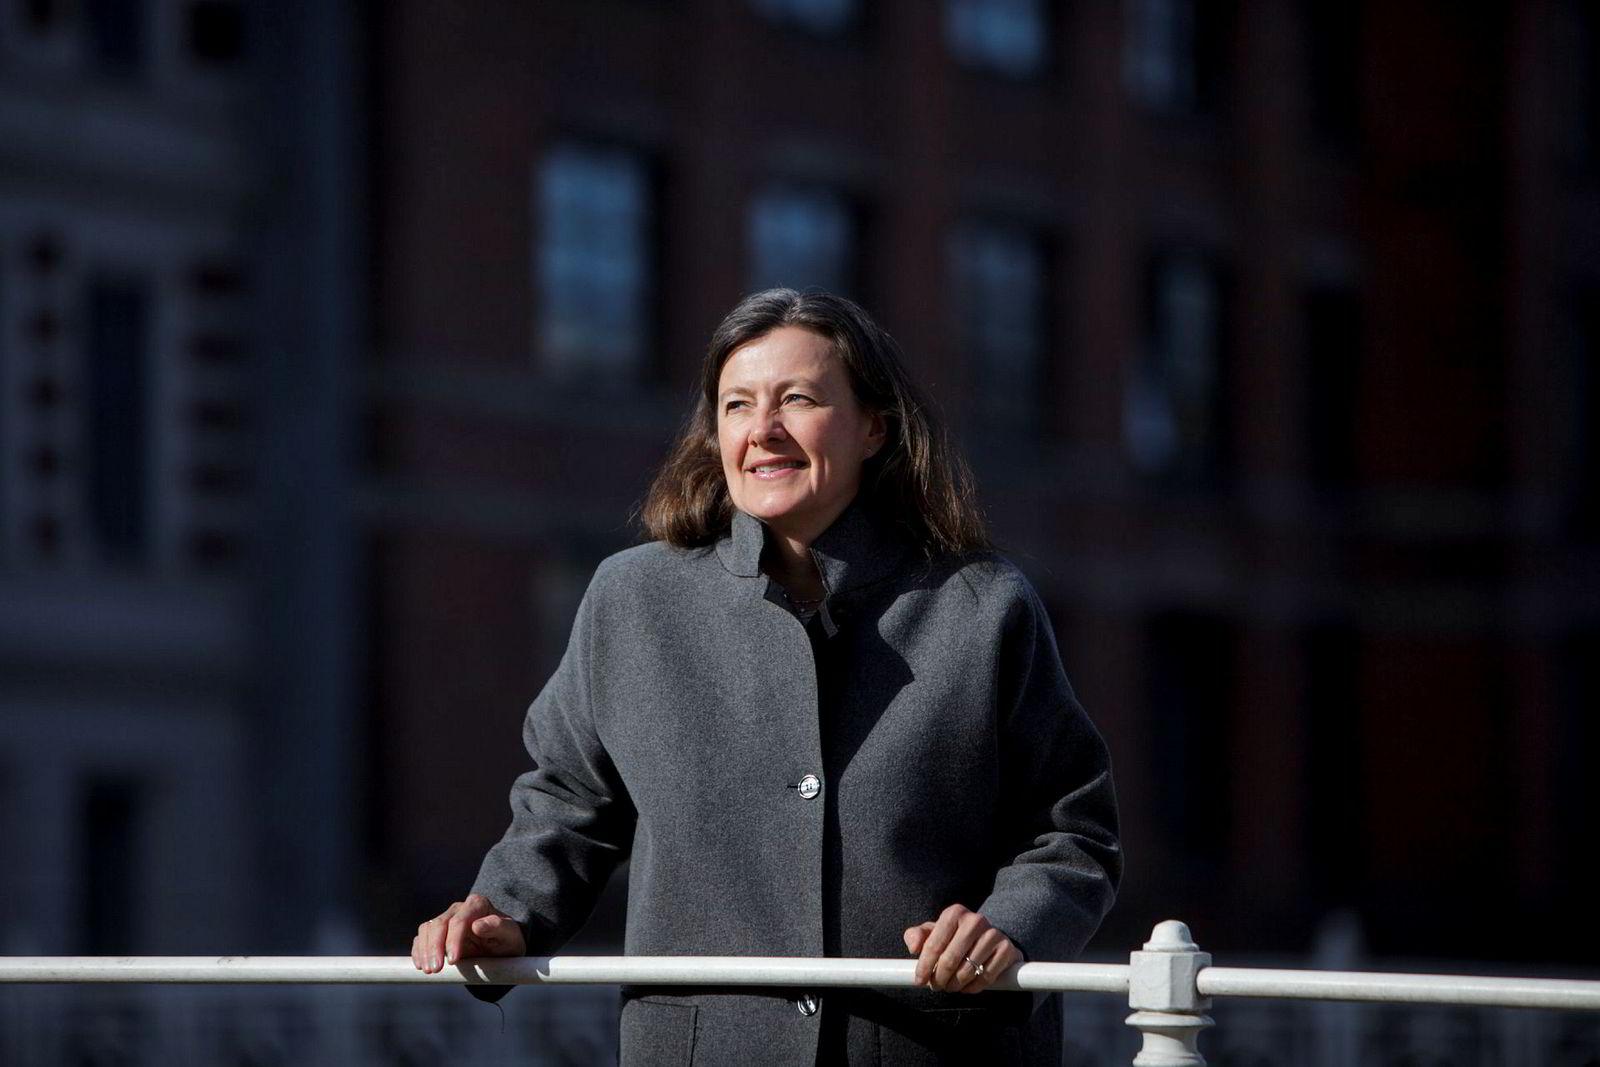 – Hvis vi kan bidra positivt, er det veldig meningsfylt, sier styreleder i VR Education, Kari Olrud Moen.